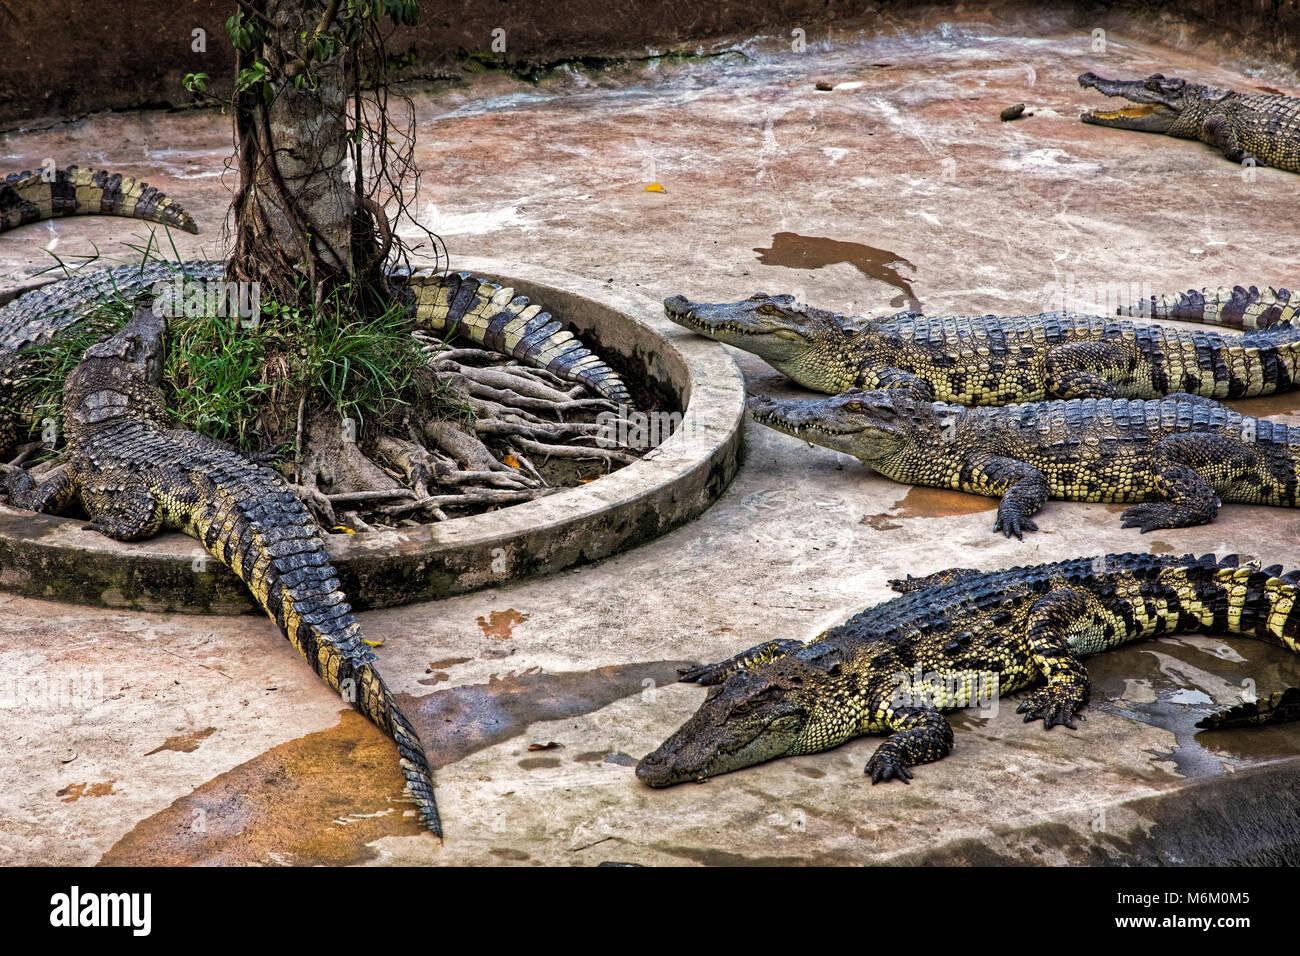 Siamese crocodiles Crocodylus siamensis in a crocodile farm  in the Mekong Delta, Vietnam - Stock Image